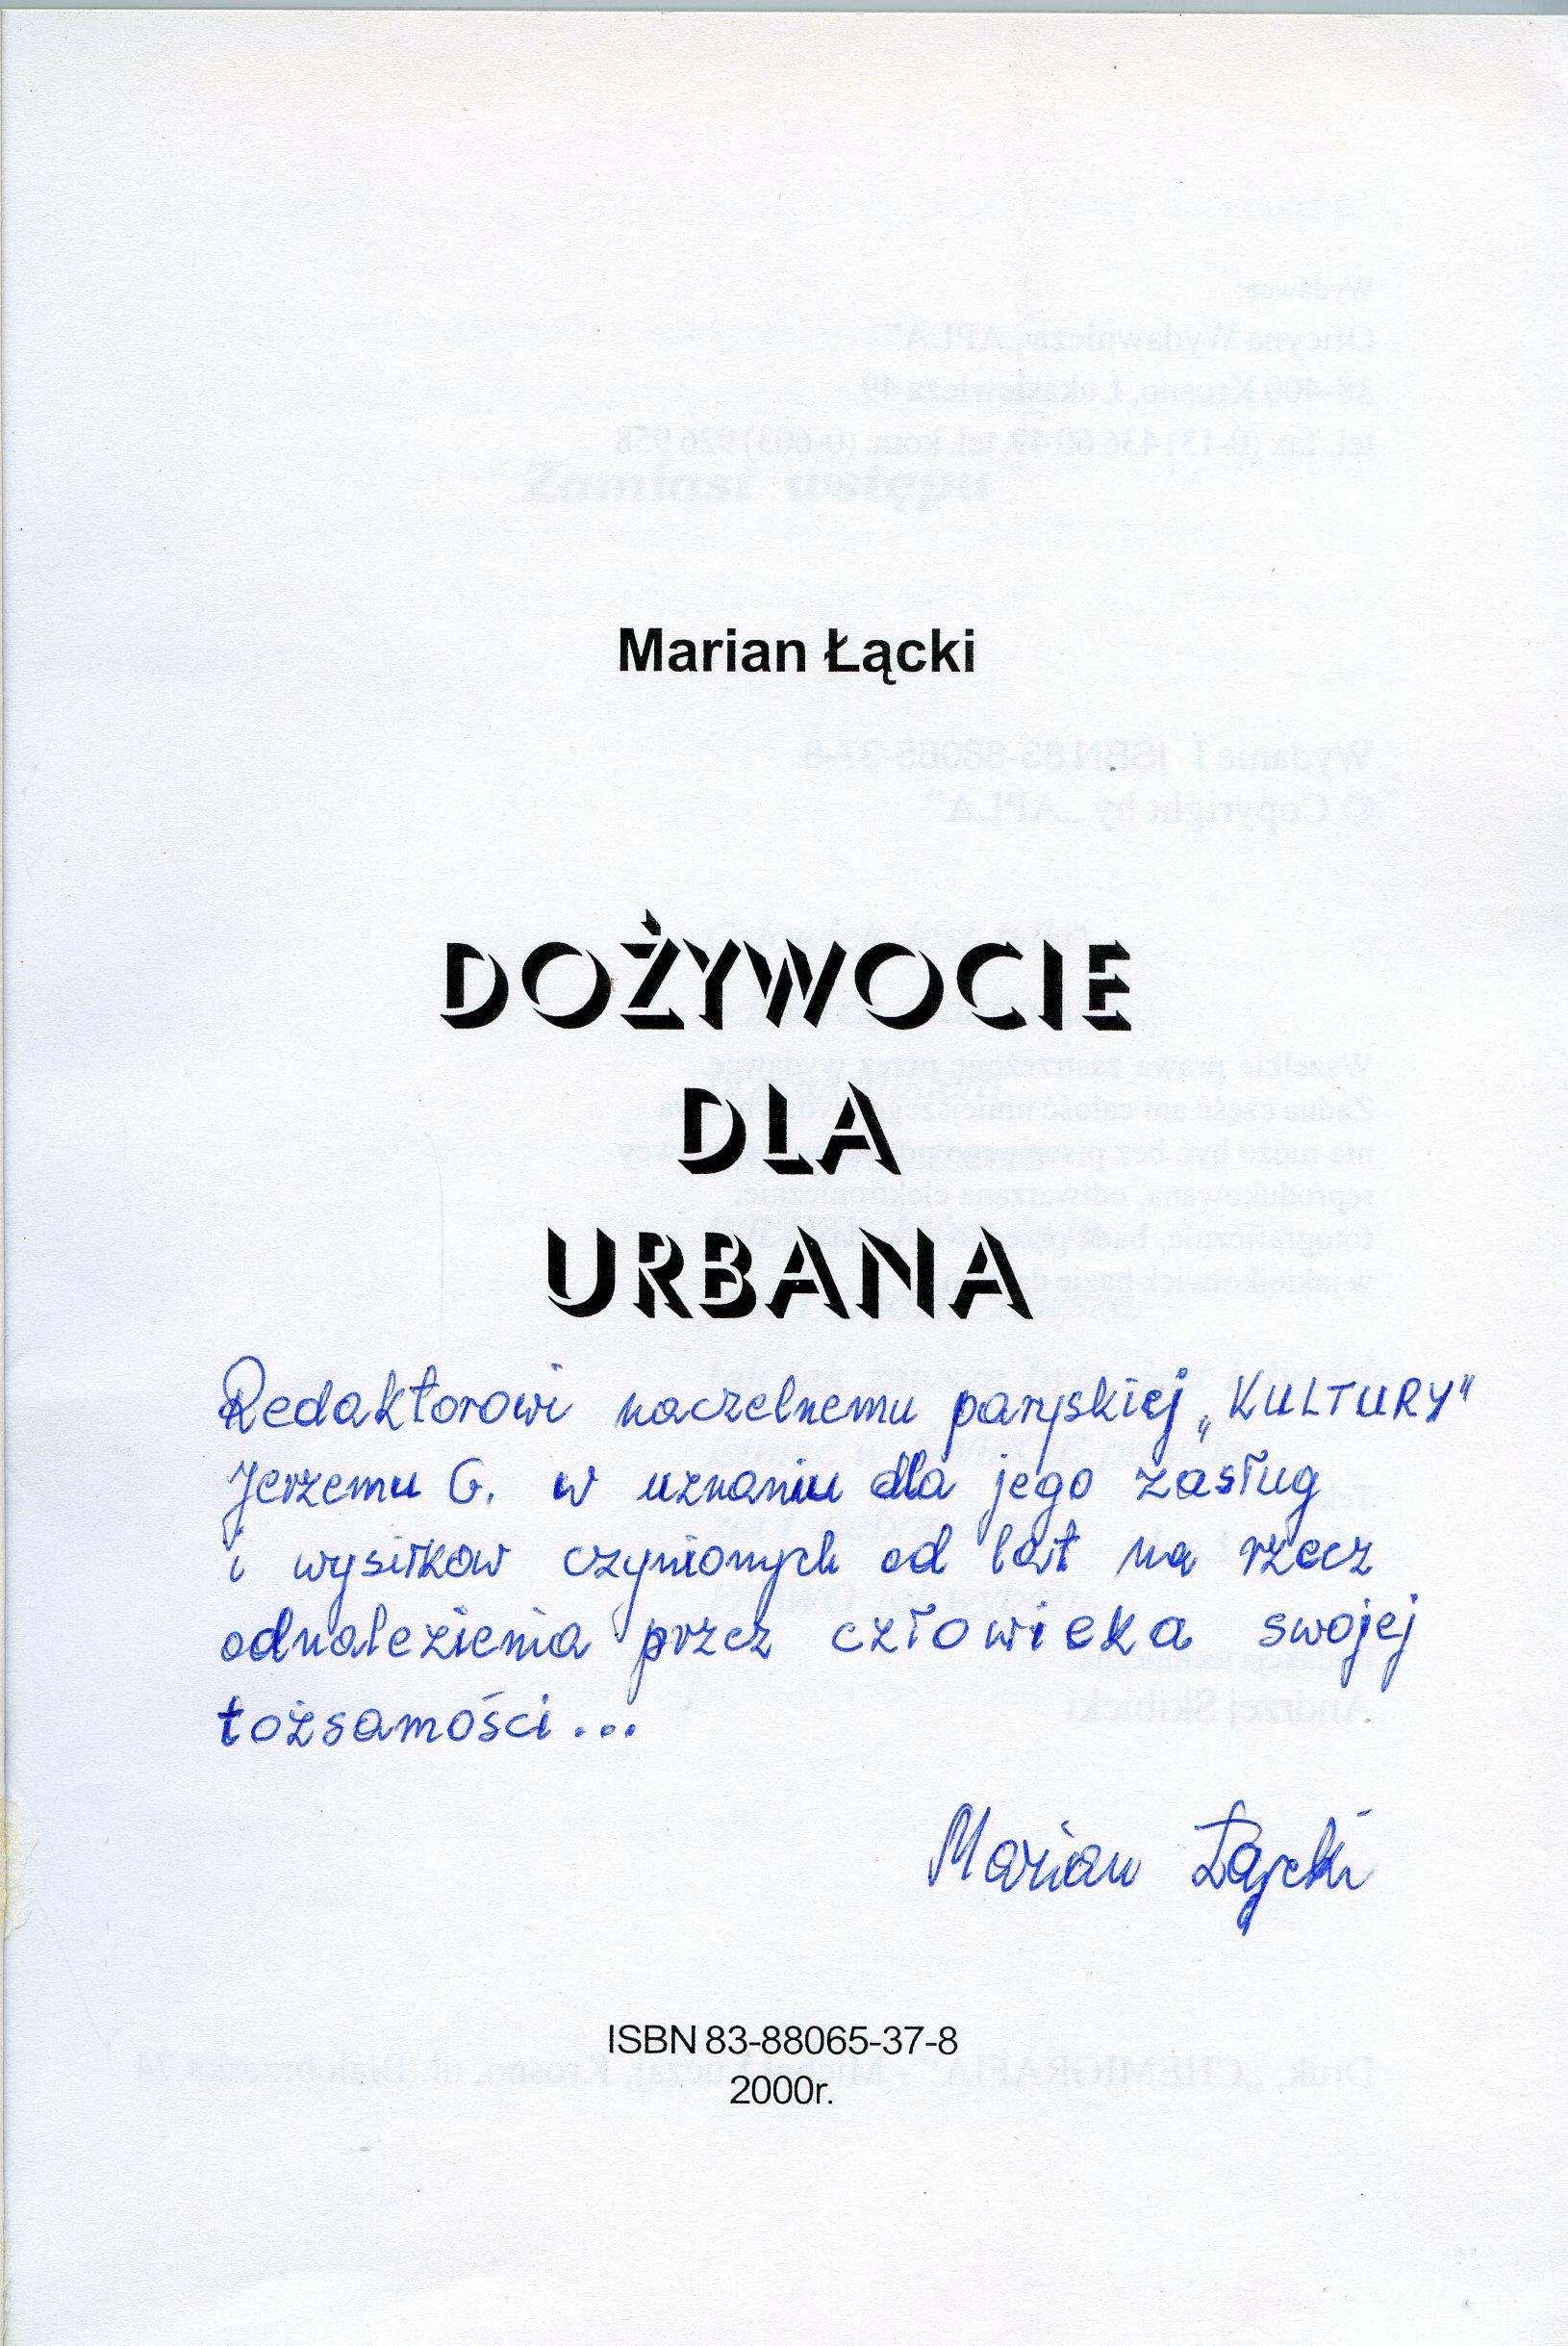 """<div class='inner-box'><div class='close-desc'></div><span class='opis'>Dedykacja: Marian Łącki dla Jerzego Giedroycia. """"Dożywocie dla Urbana"""", 2000 r.</span><div class='clearfix'></div><span>Cote du document dedyk039b</span><div class='clearfix'></div><span>© Instytut Literacki</span></div>"""